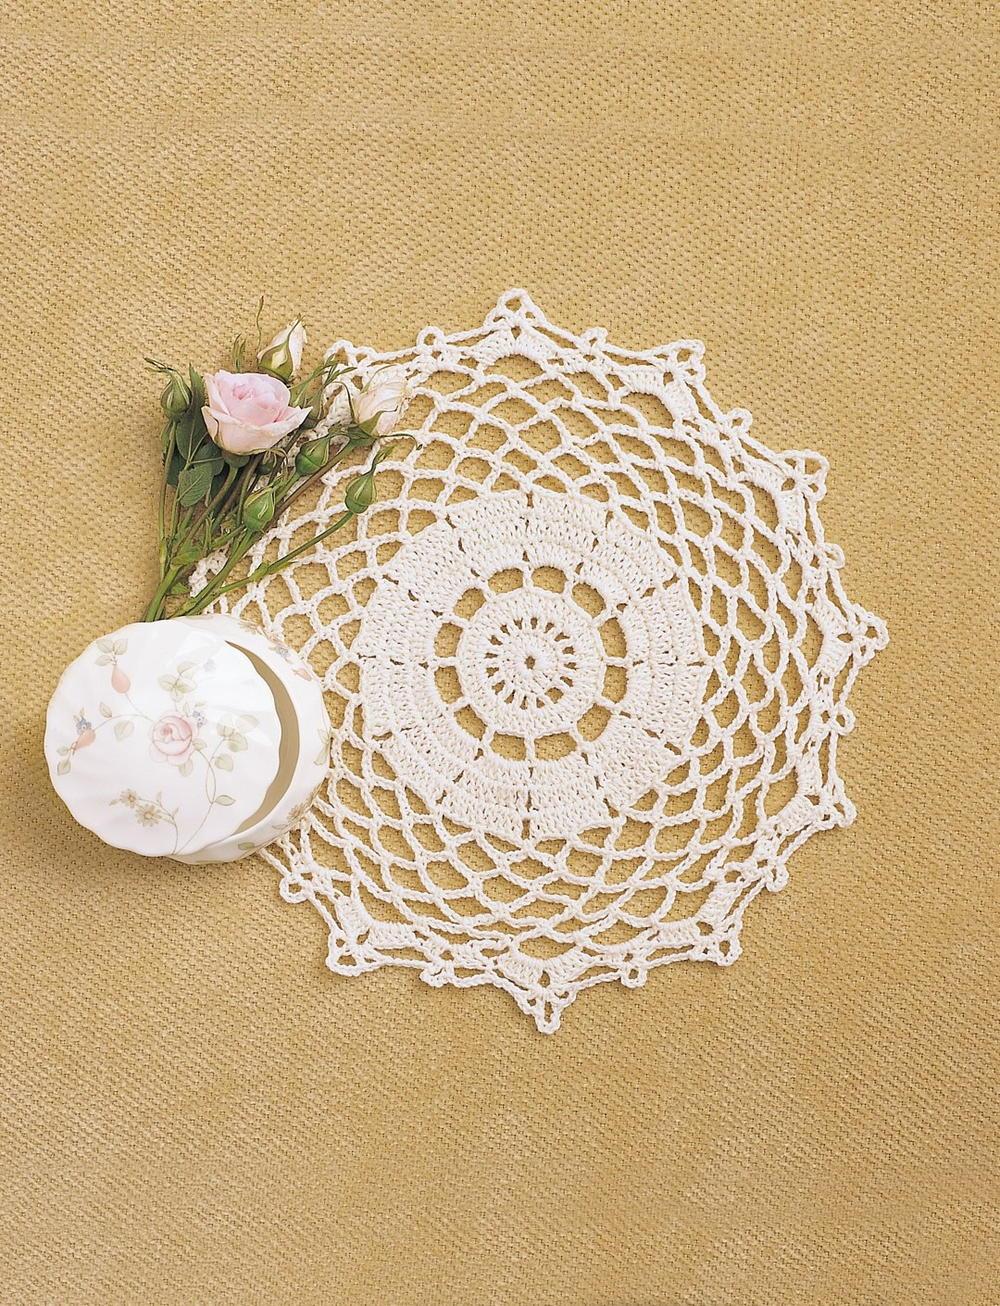 Pretty Doily Crochet Pattern | FaveCrafts.com